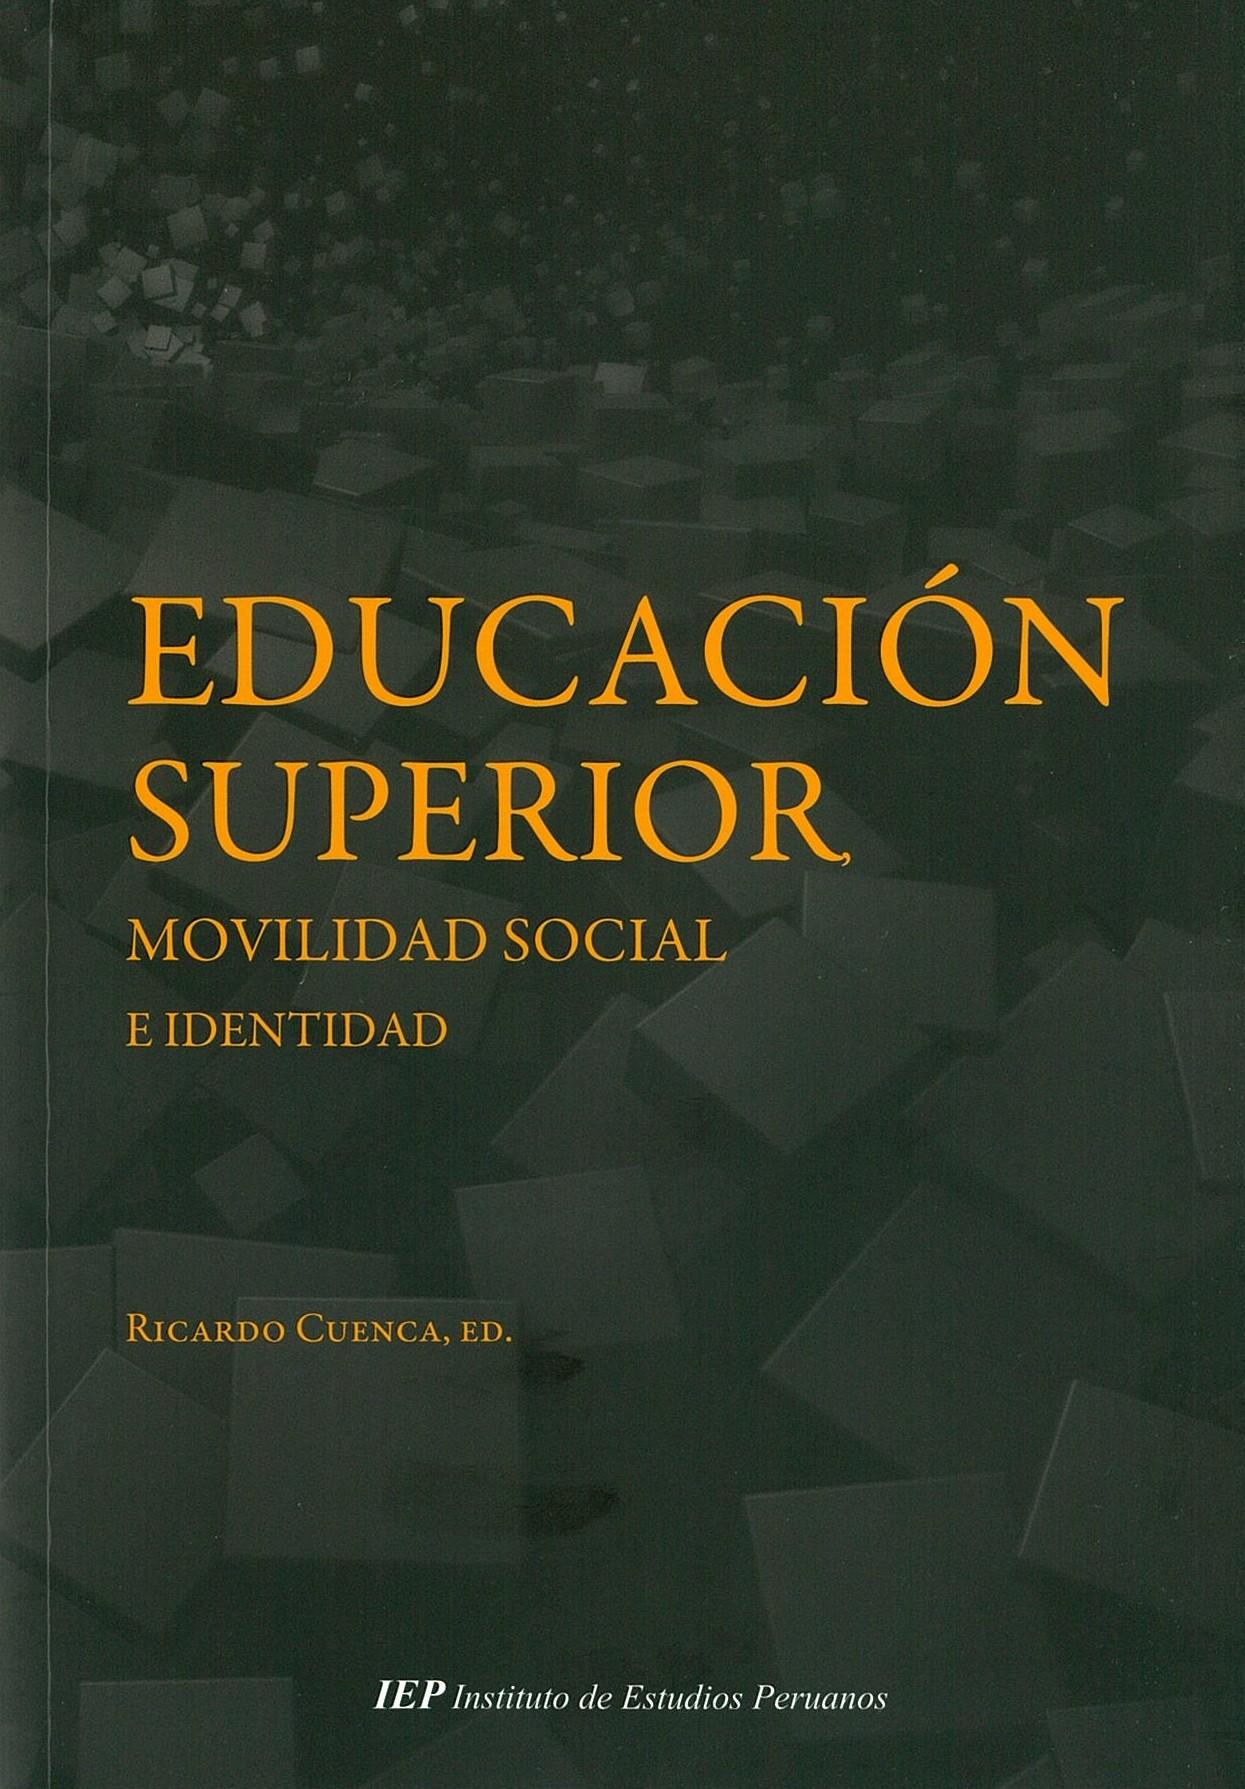 Educación superior, movilidad social e identidad